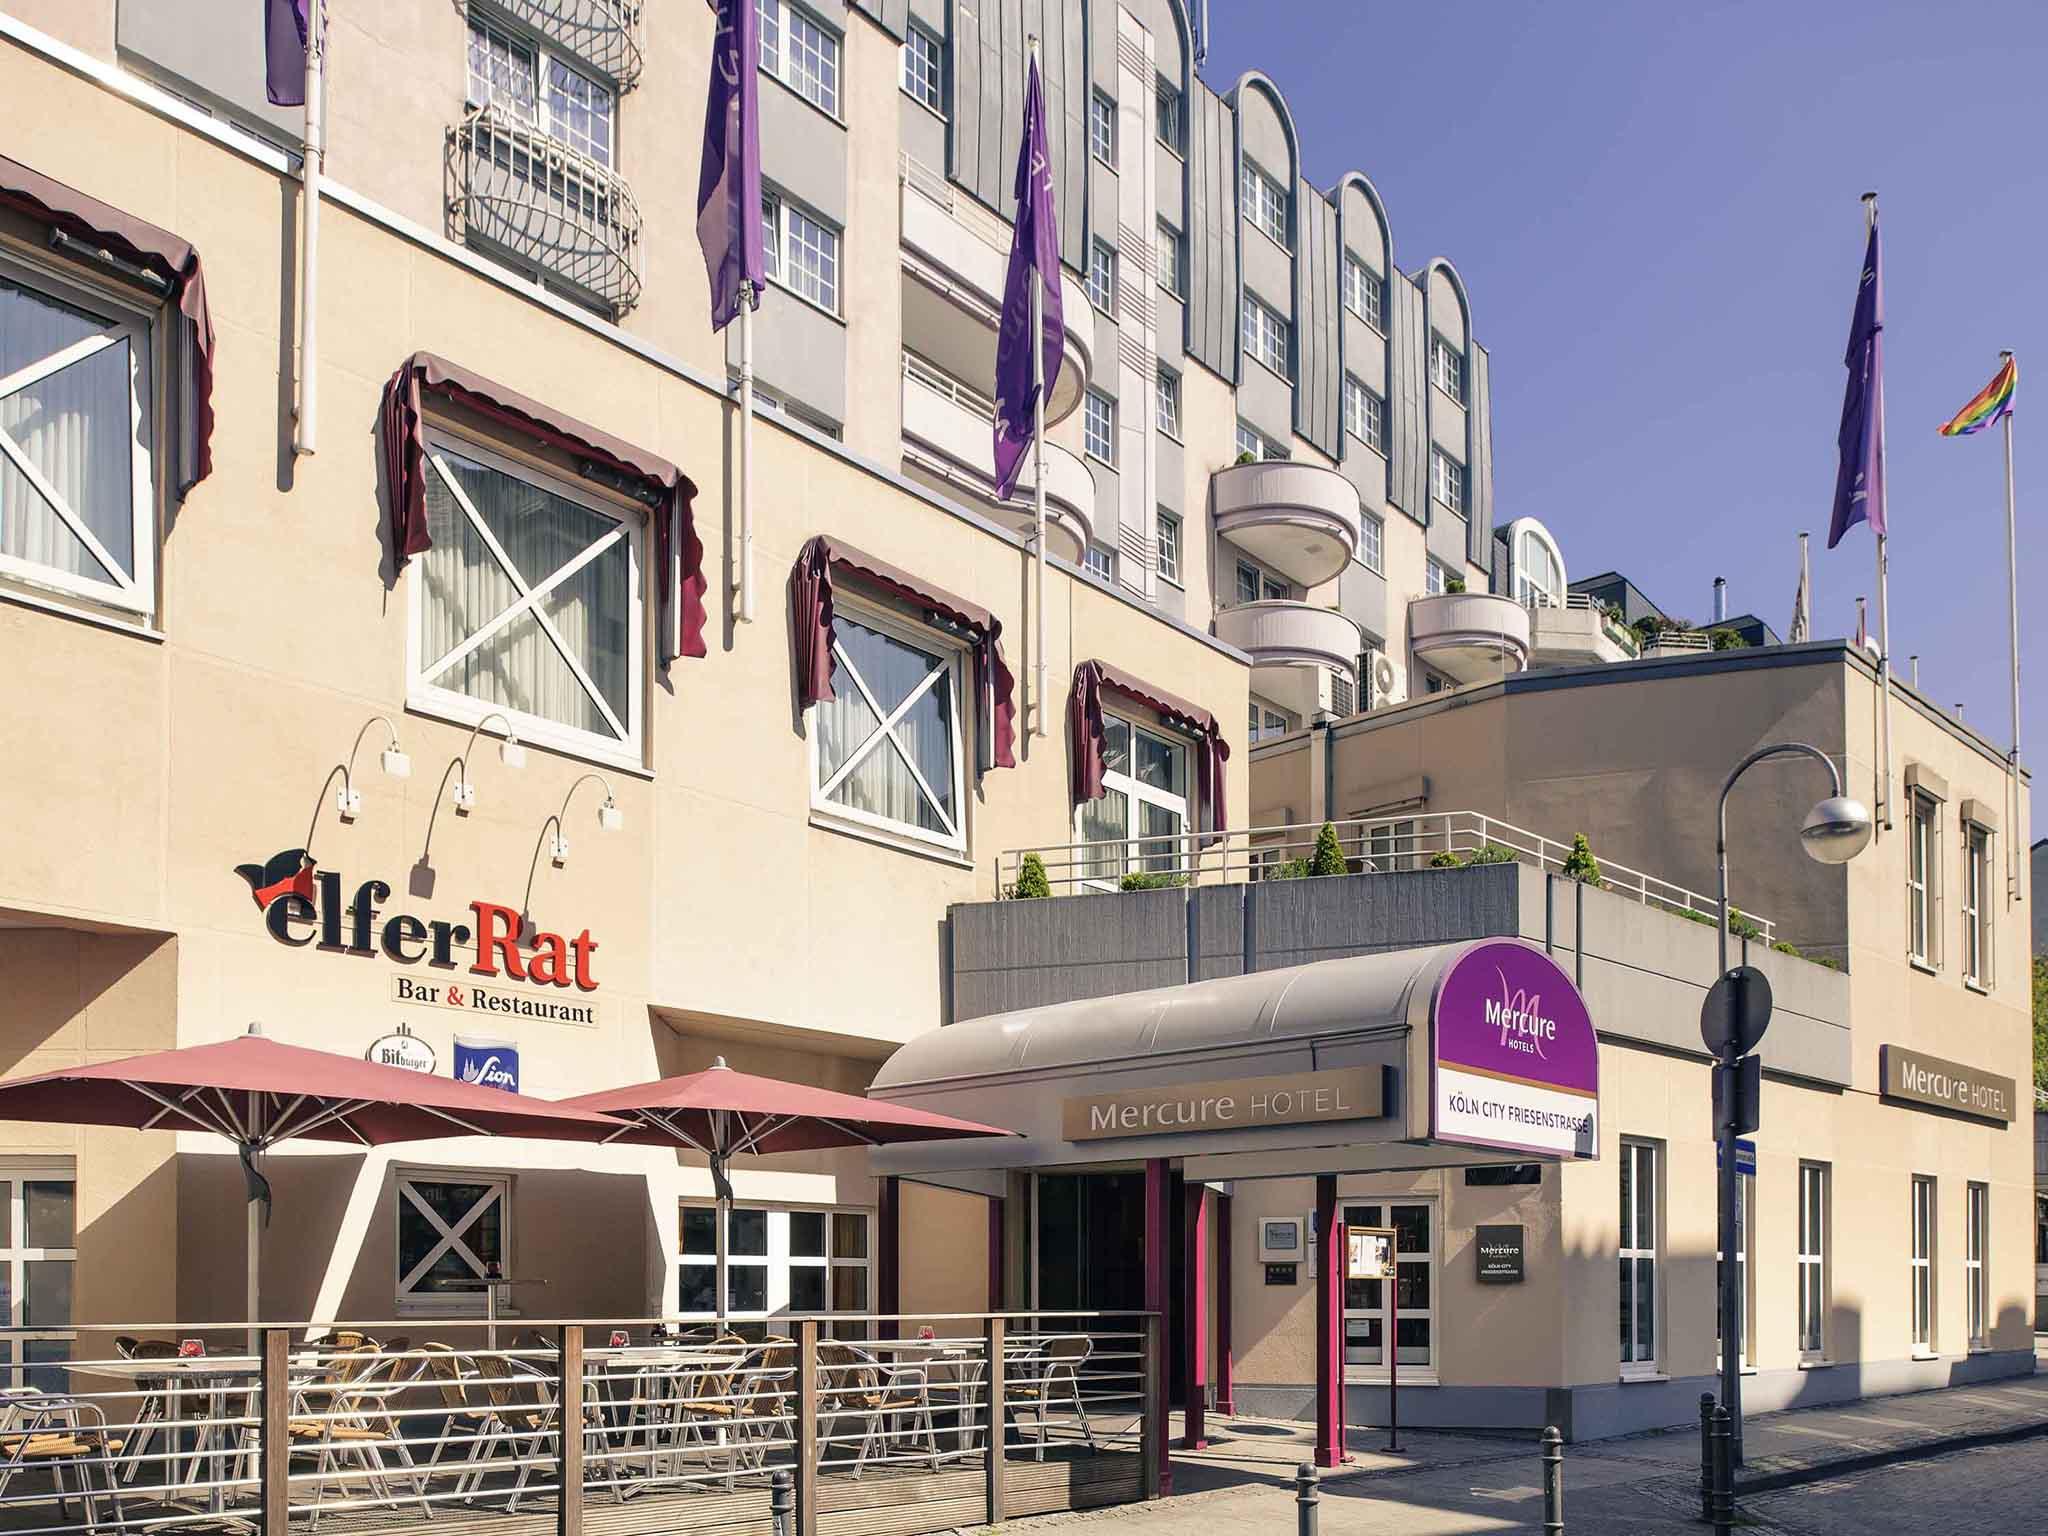 ホテル – メルキュールホテルケルンシティフリーゼンシュトラーセ